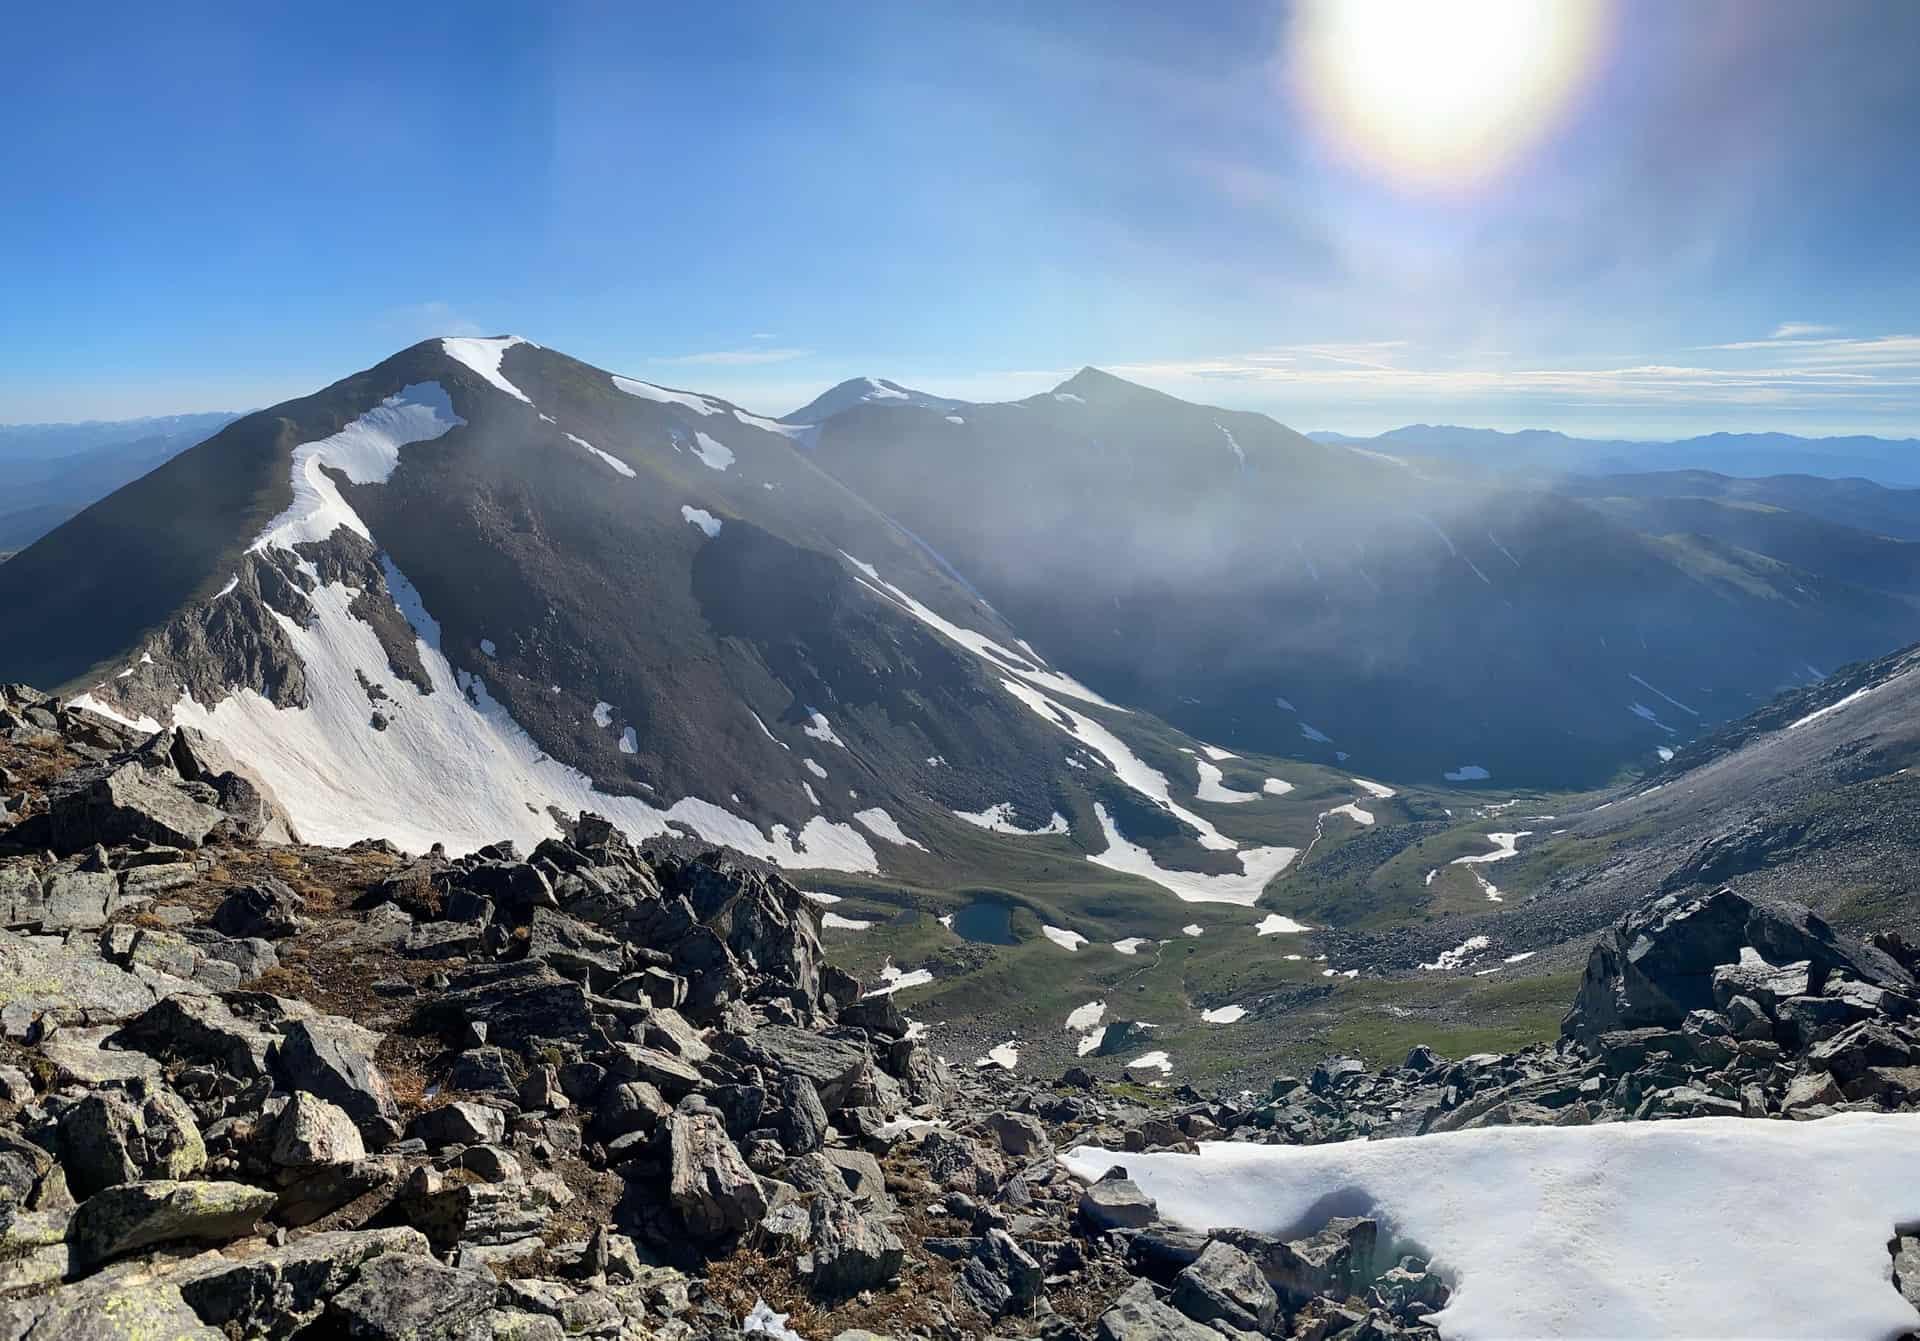 mt. eva viewing parry peak